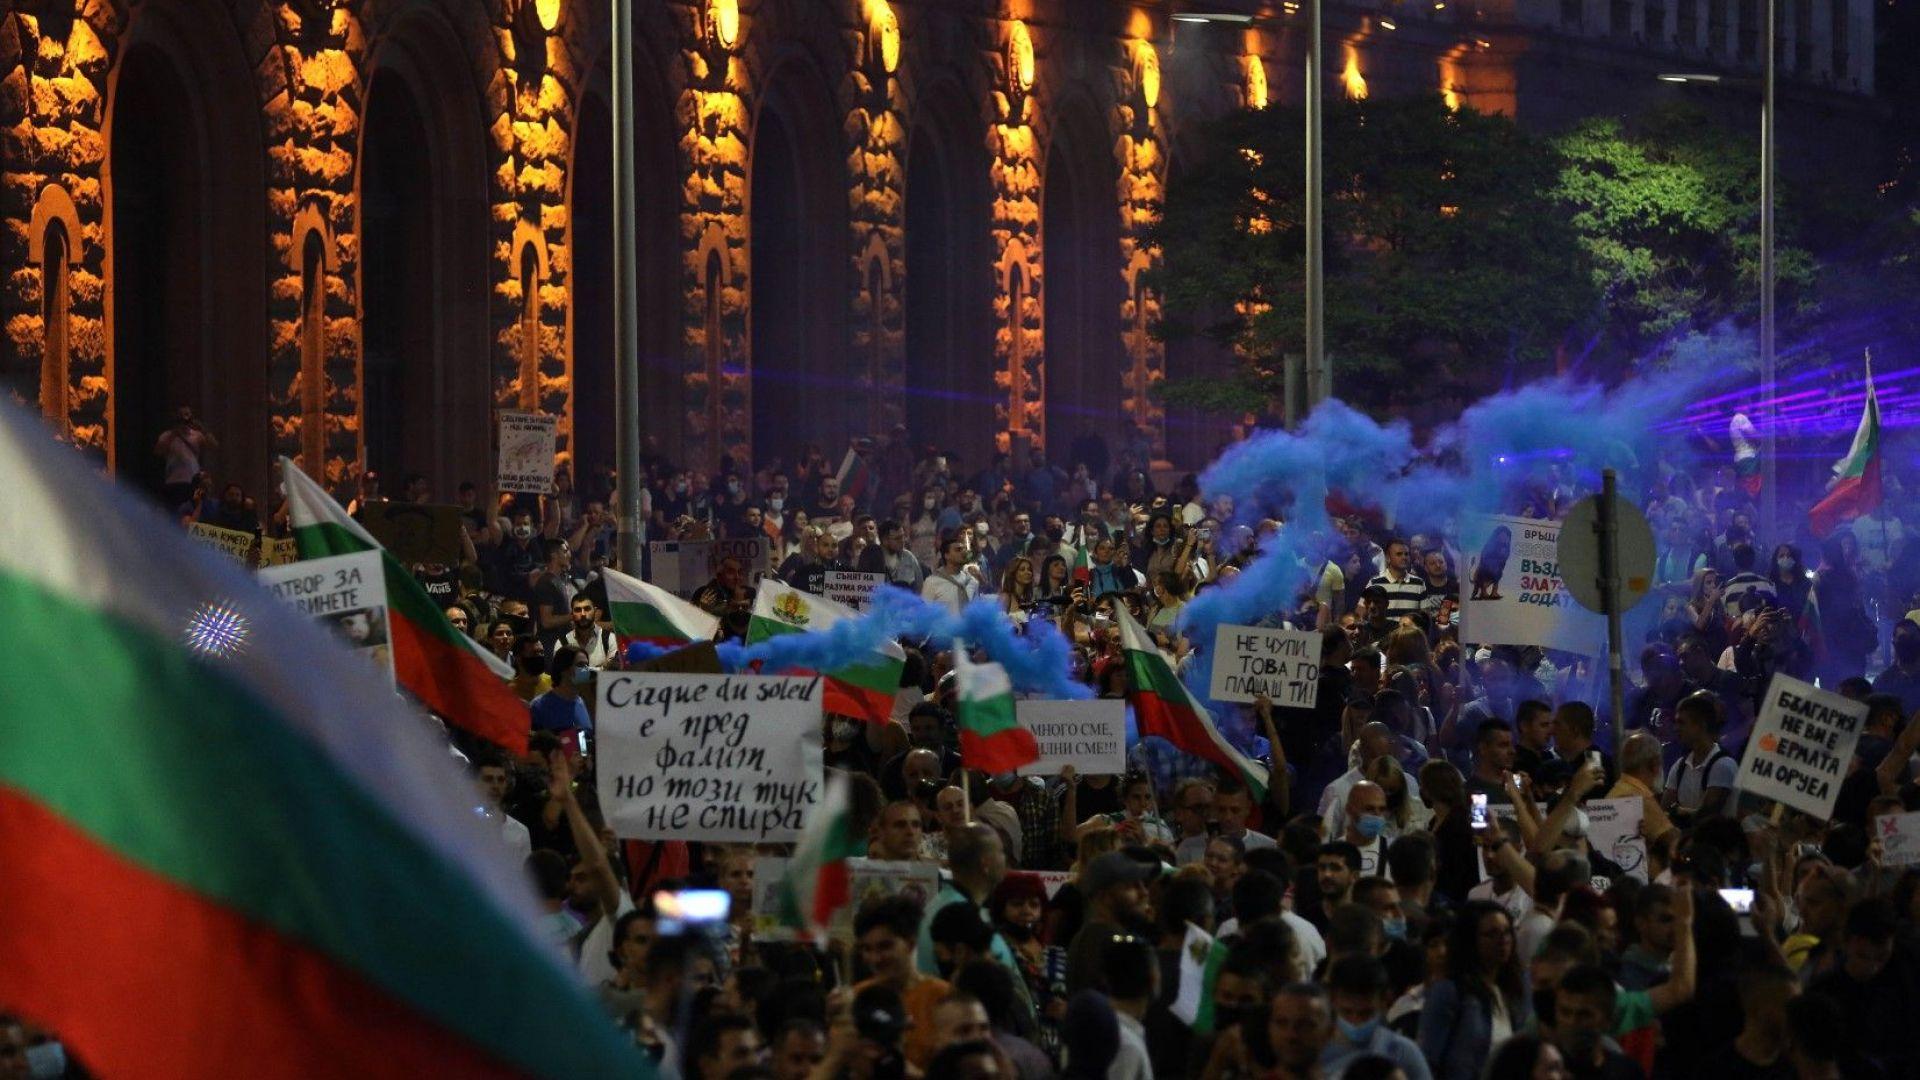 Румяна Коларова: Ако протестите ескалират, възможен е експертен кабинет, начело с шефа на БНБ